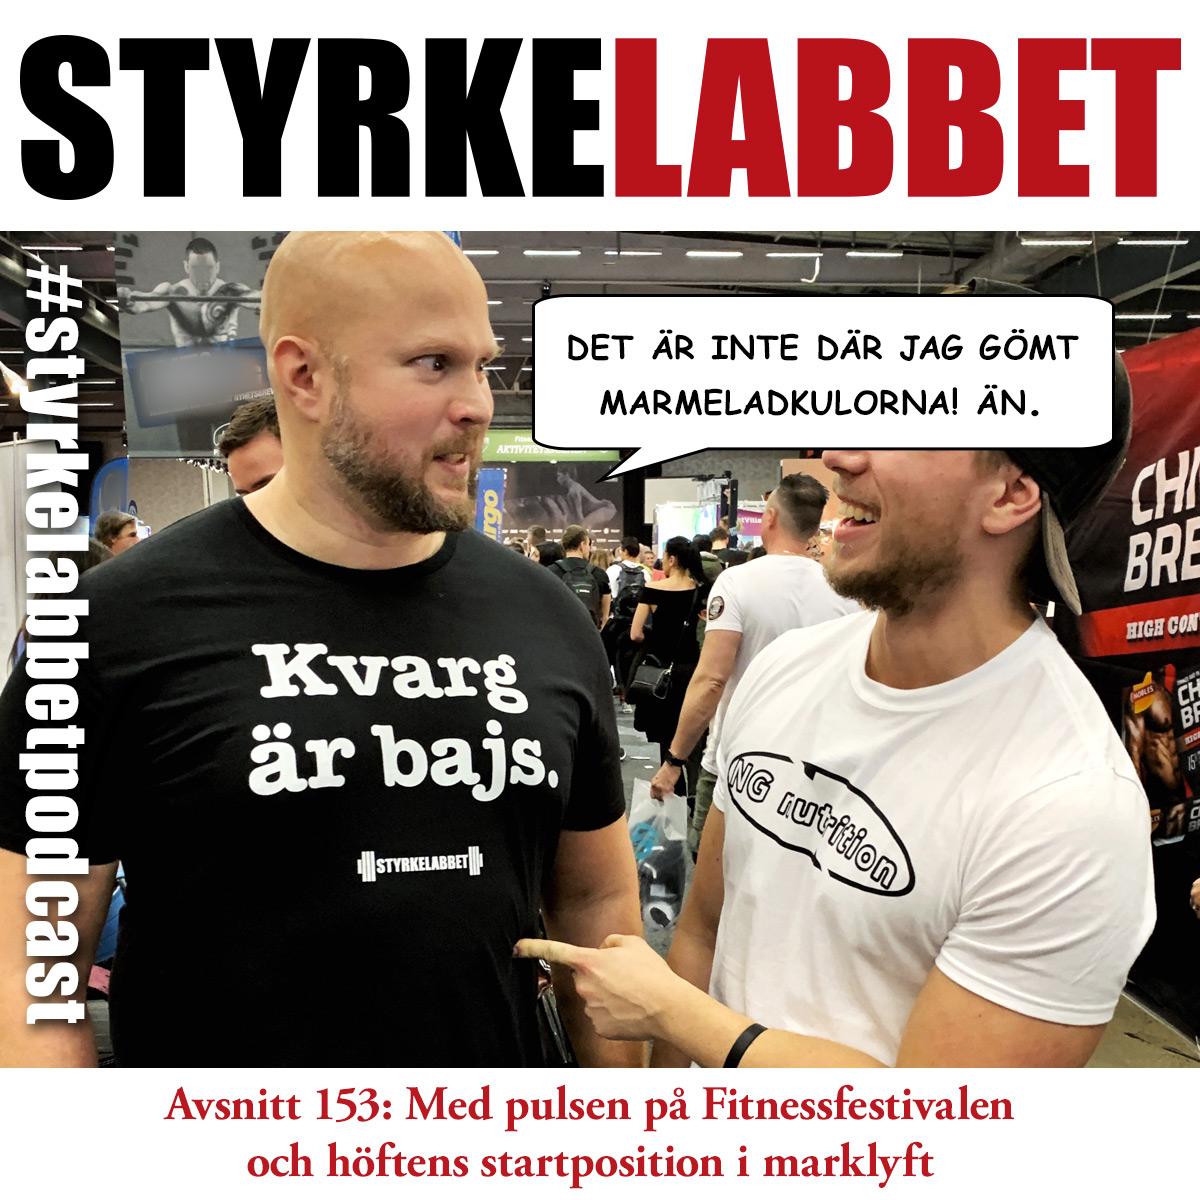 Styrkelabbet avsnitt 153: Med pulsen på Fitnessfestivalen och höftens startposition i marklyft